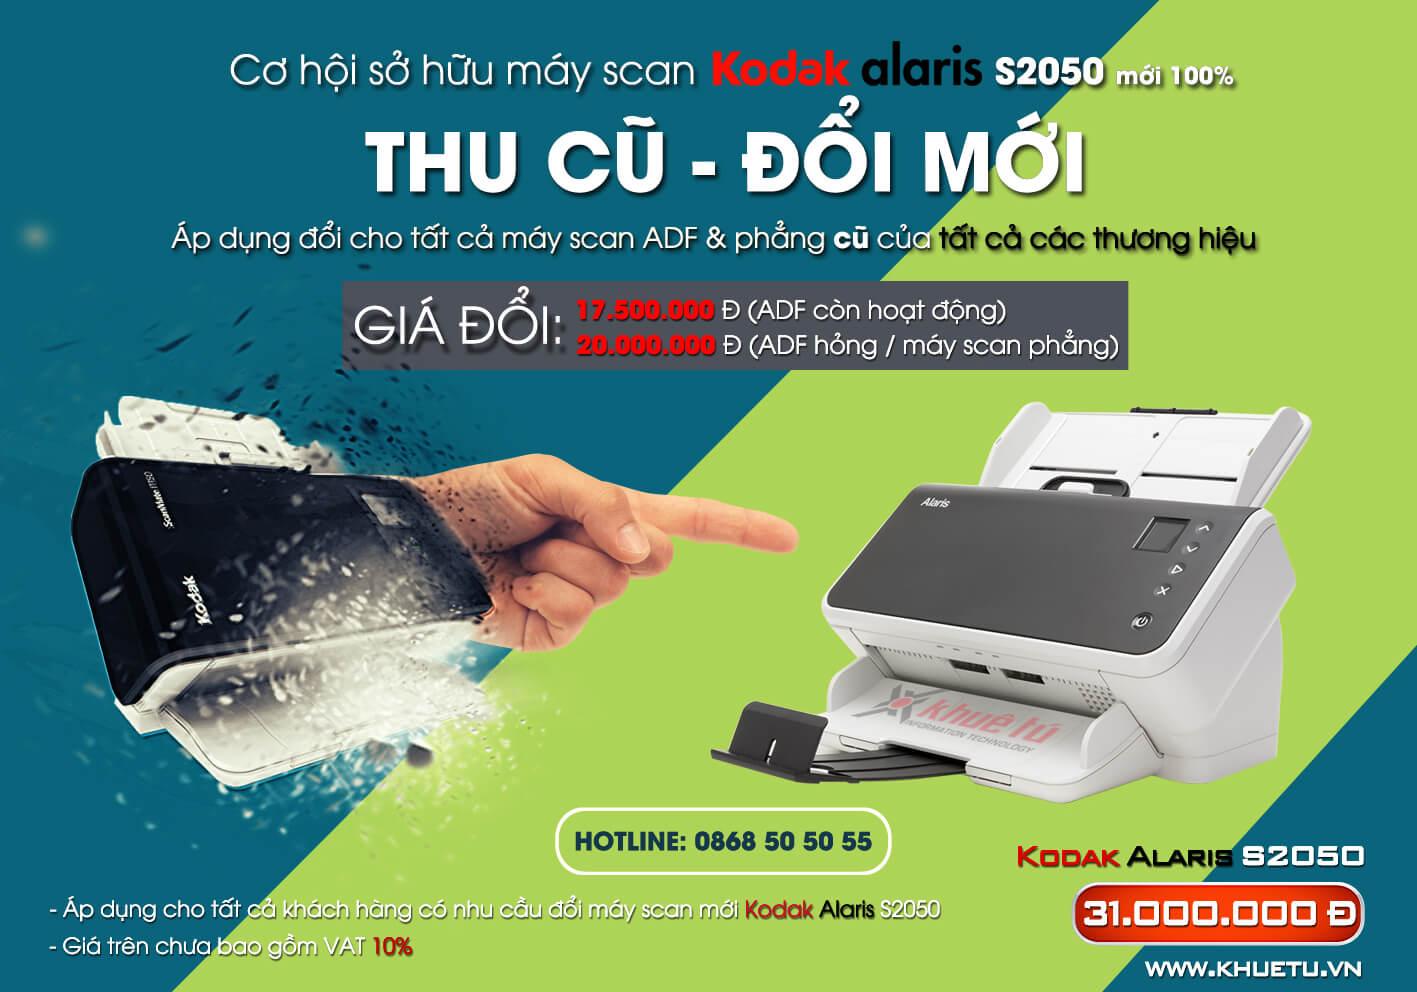 """Chương trình """"Thu máy scan cũ - Đổi máy scan mới Kodak Alaris S2050"""" từ Khuê Tú"""